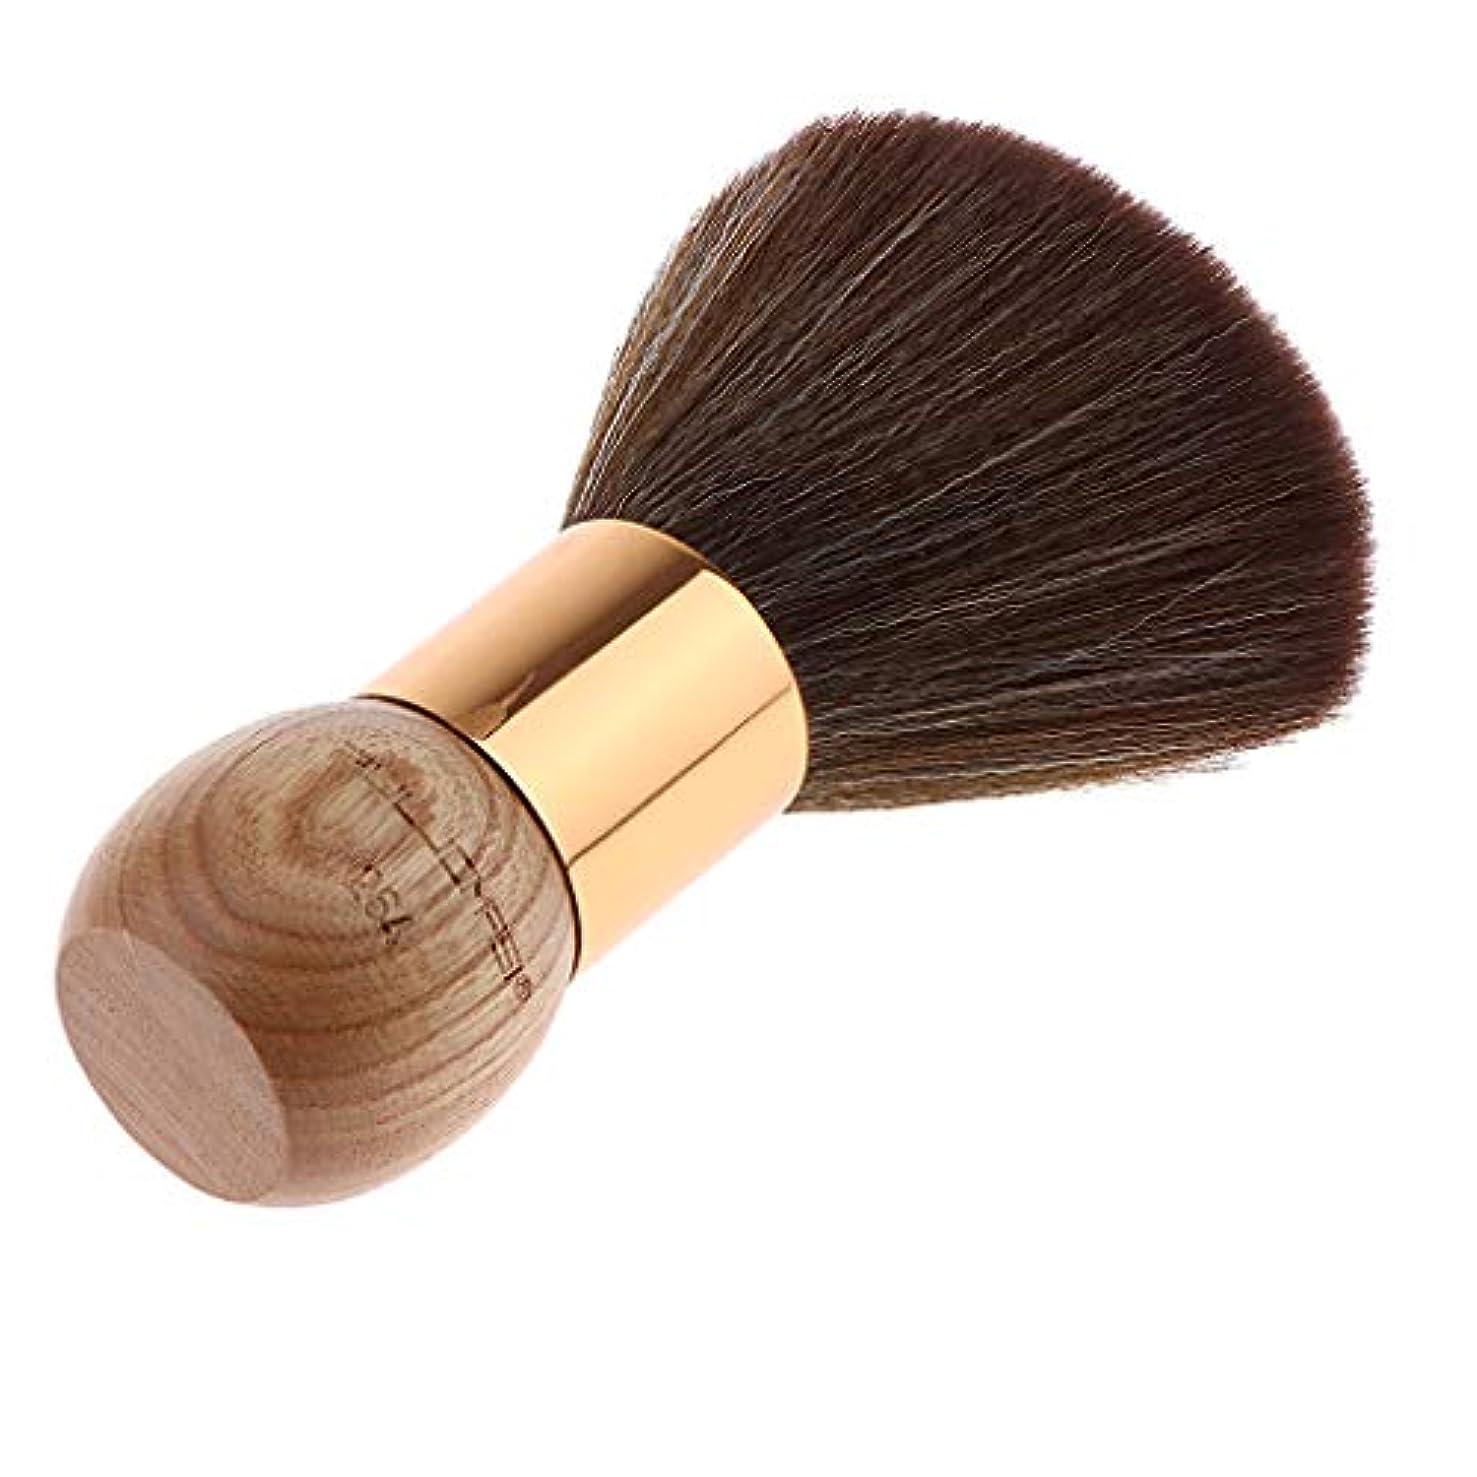 ぼろアナウンサー広告するSharplace メンズ用 髭剃り ブラシ シェービングブラシ 木製ハンドル 男性 ギフト理容 洗顔 髭剃り